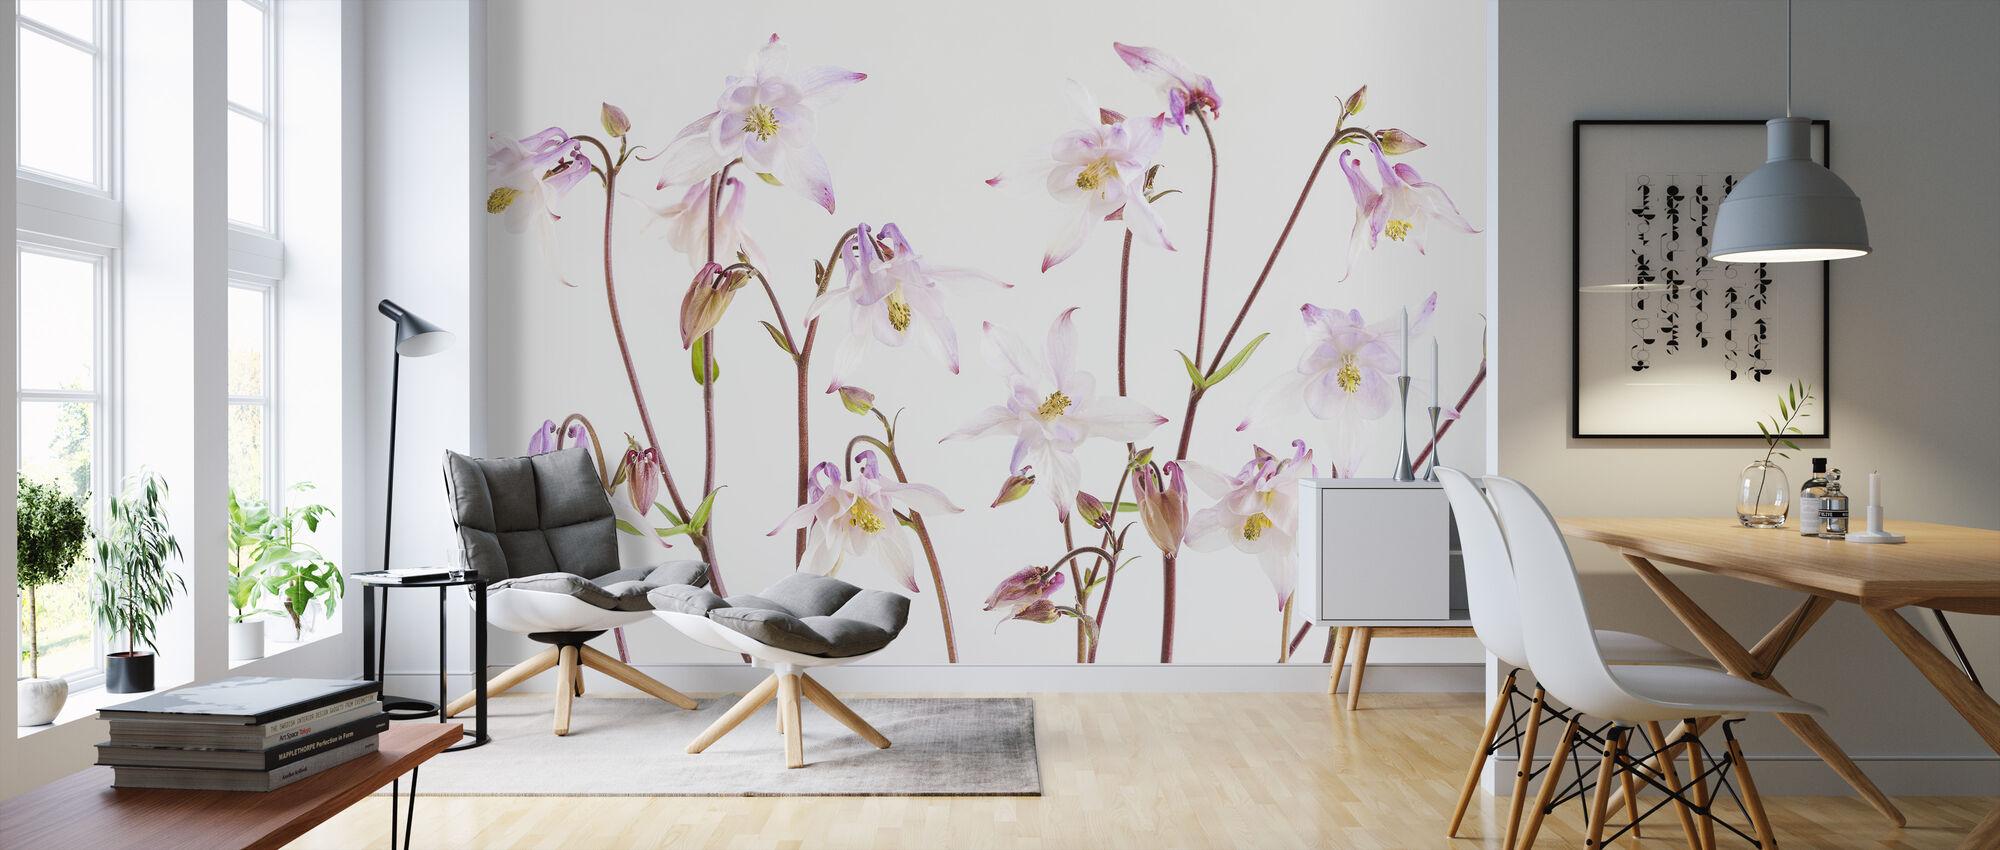 Aquilegia - Wallpaper - Living Room